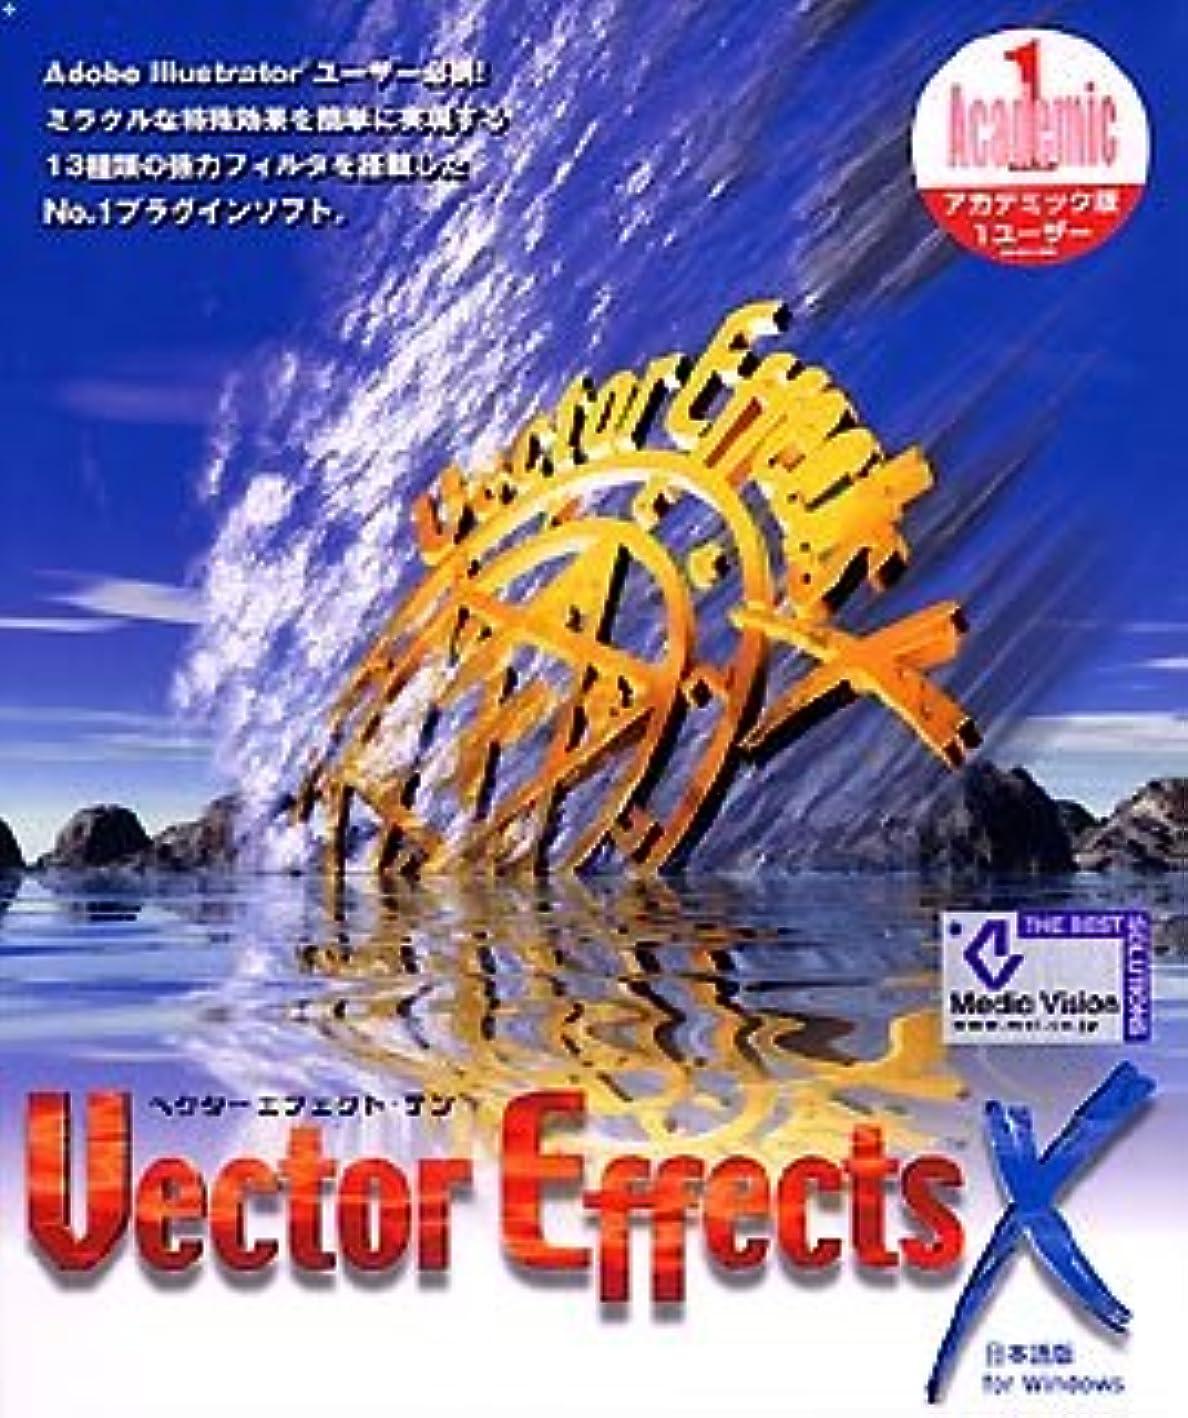 貫通する文明化高層ビルVector Effects X 日本語版 for Windows アカデミック版 1ユーザー